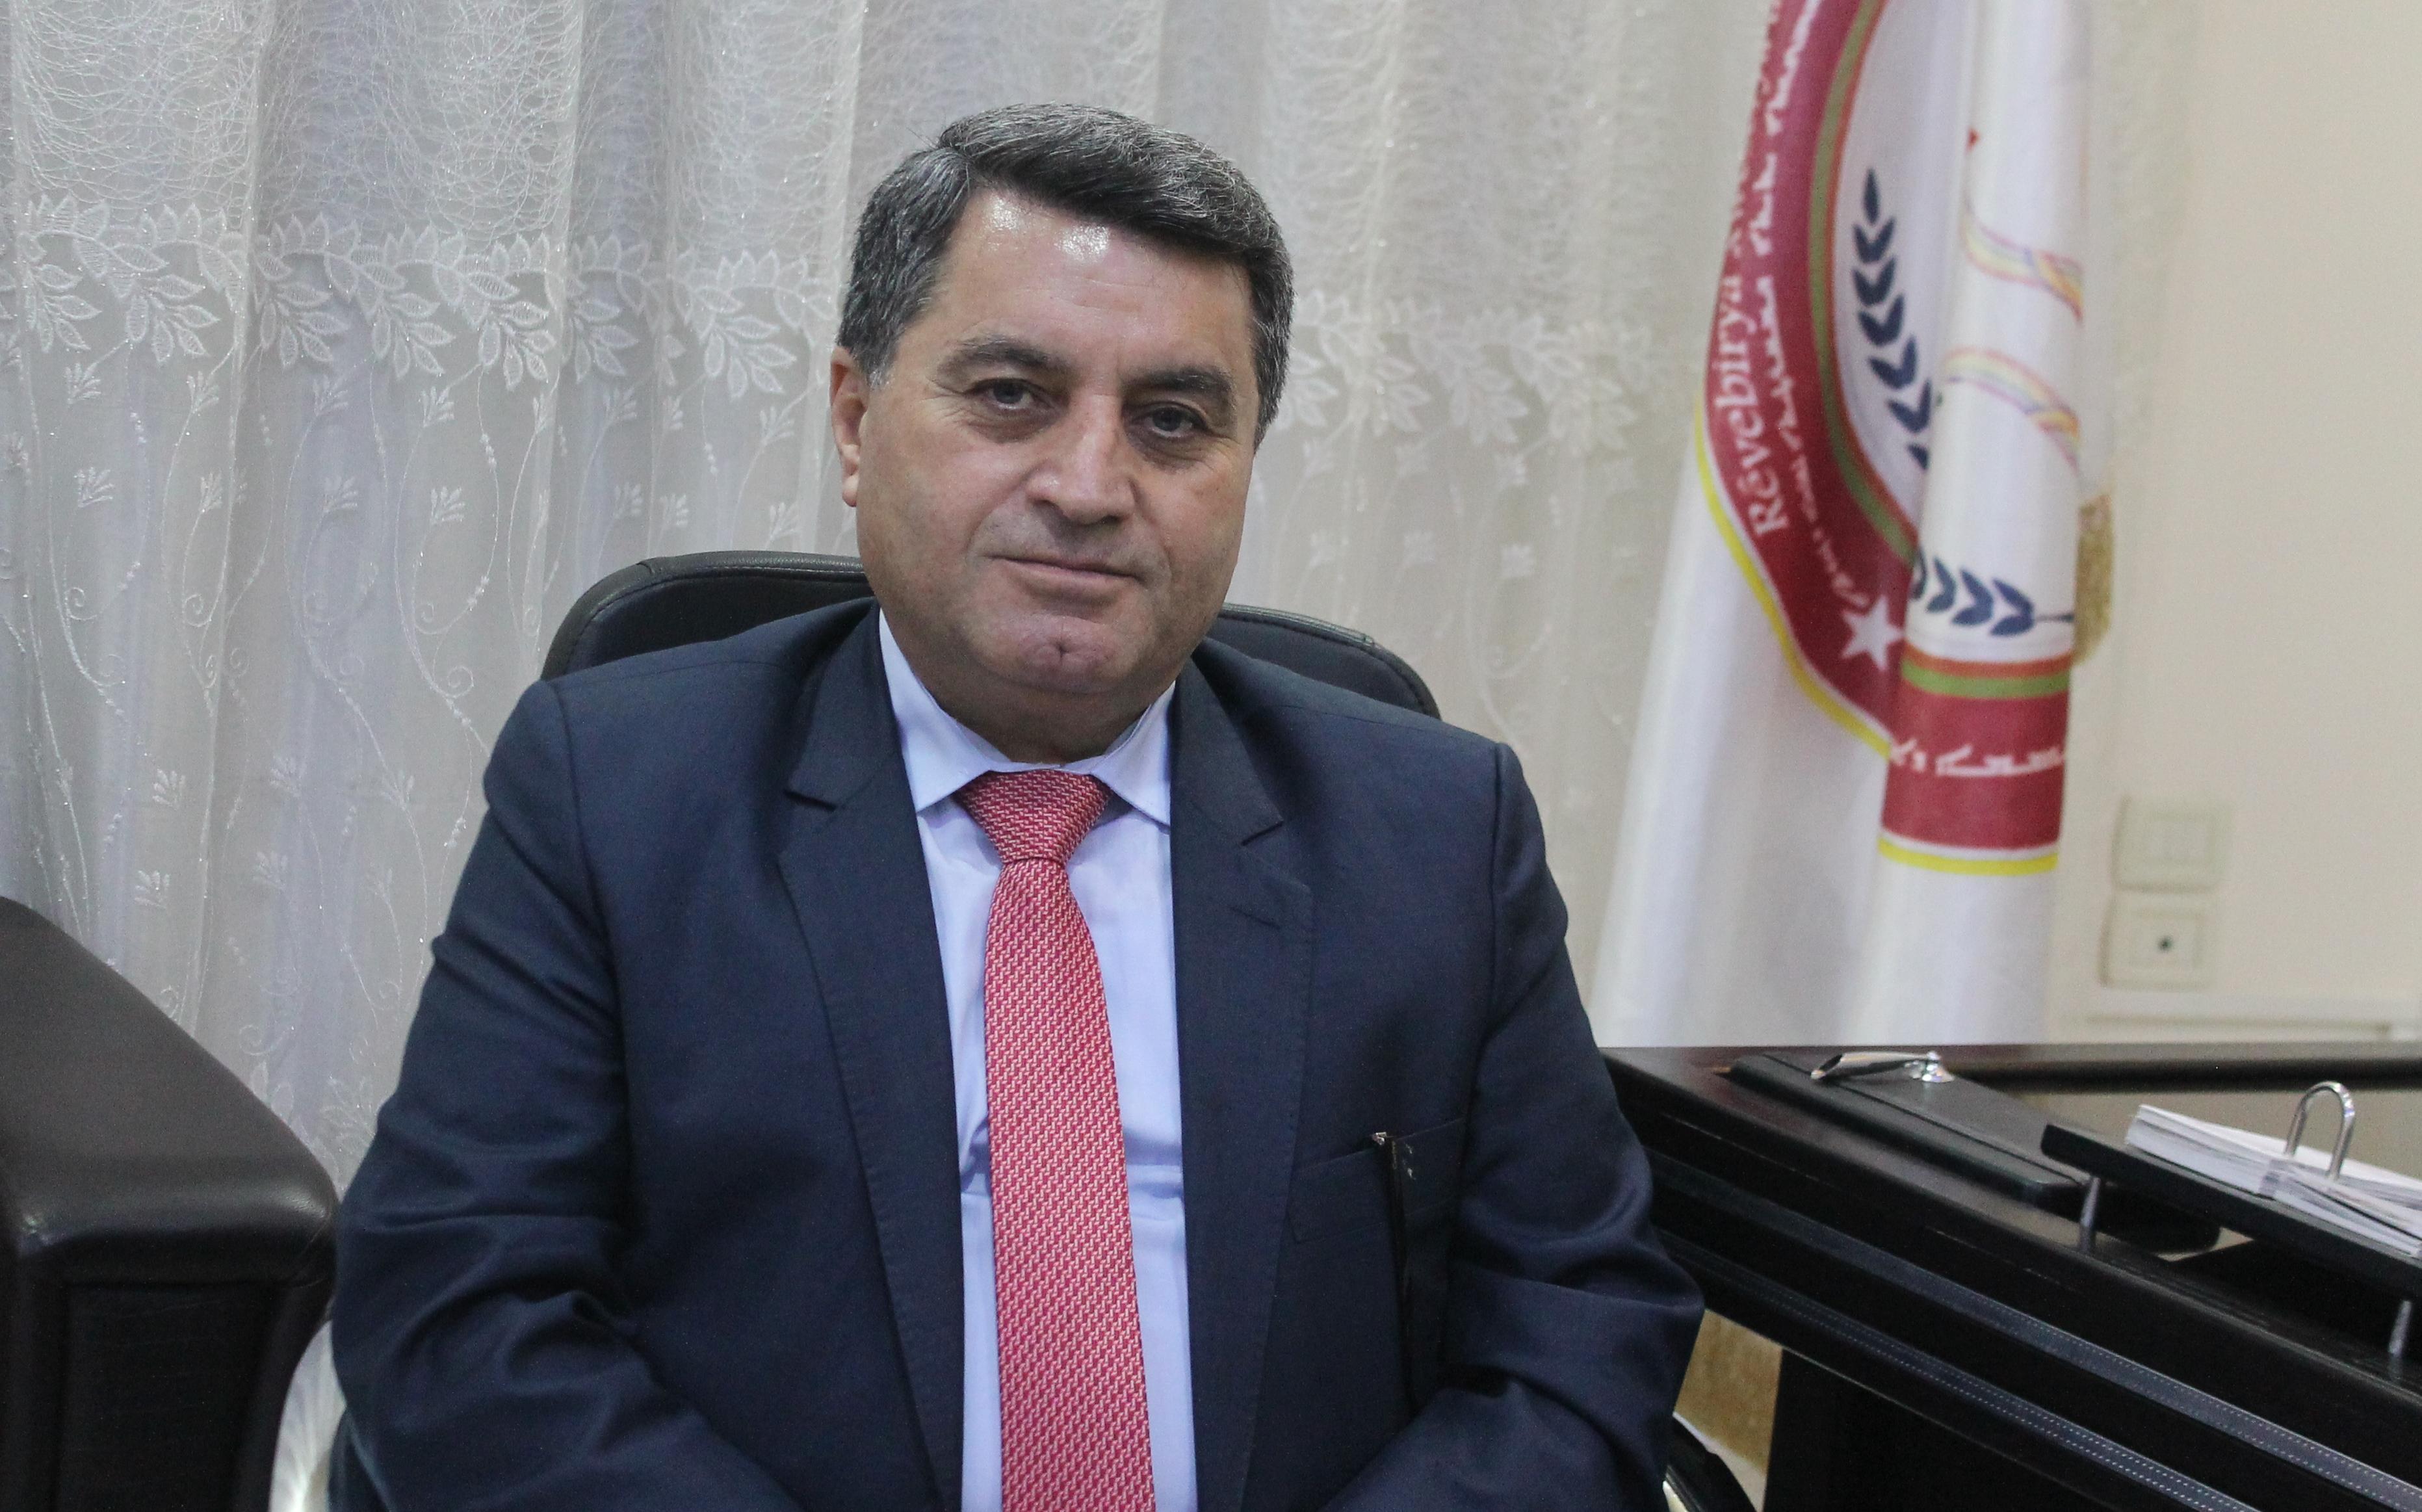 Photo of عبد الكريم عمر: على جميع القوى المجتمعية والأحزاب السياسية دعم المبادرة الوطنية